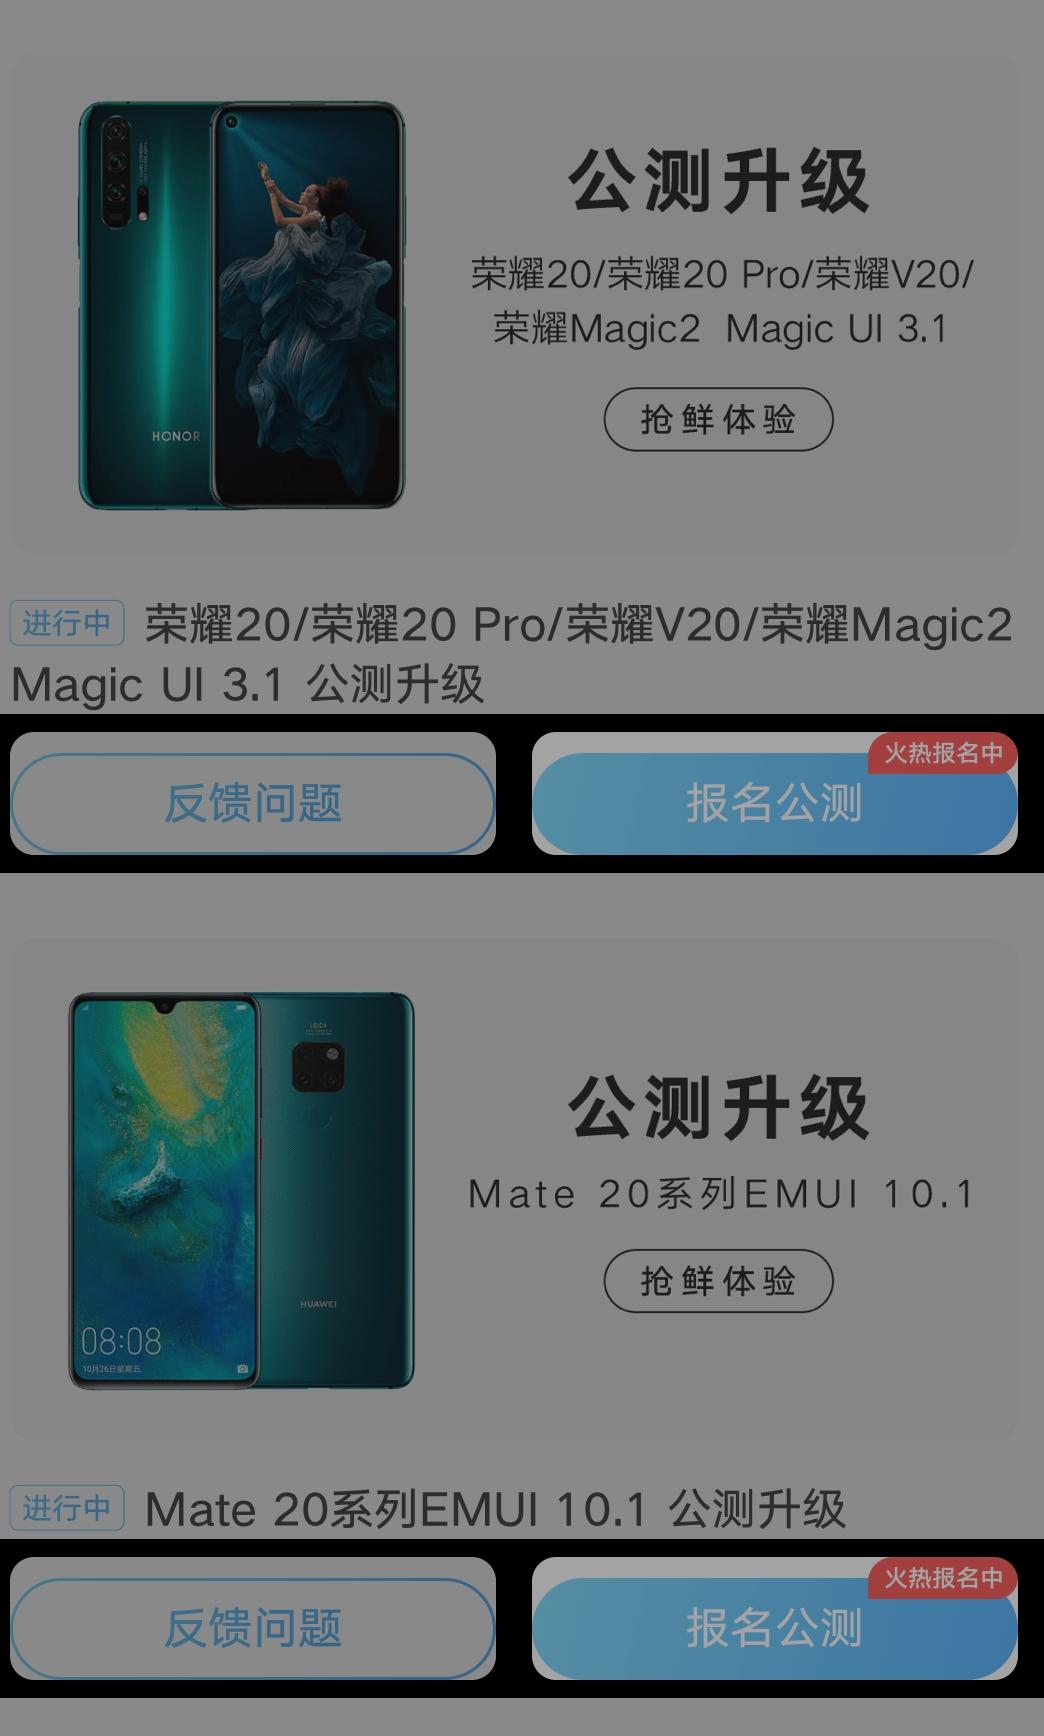 Screenshot_20200521_234457_com.huawei.fans.png